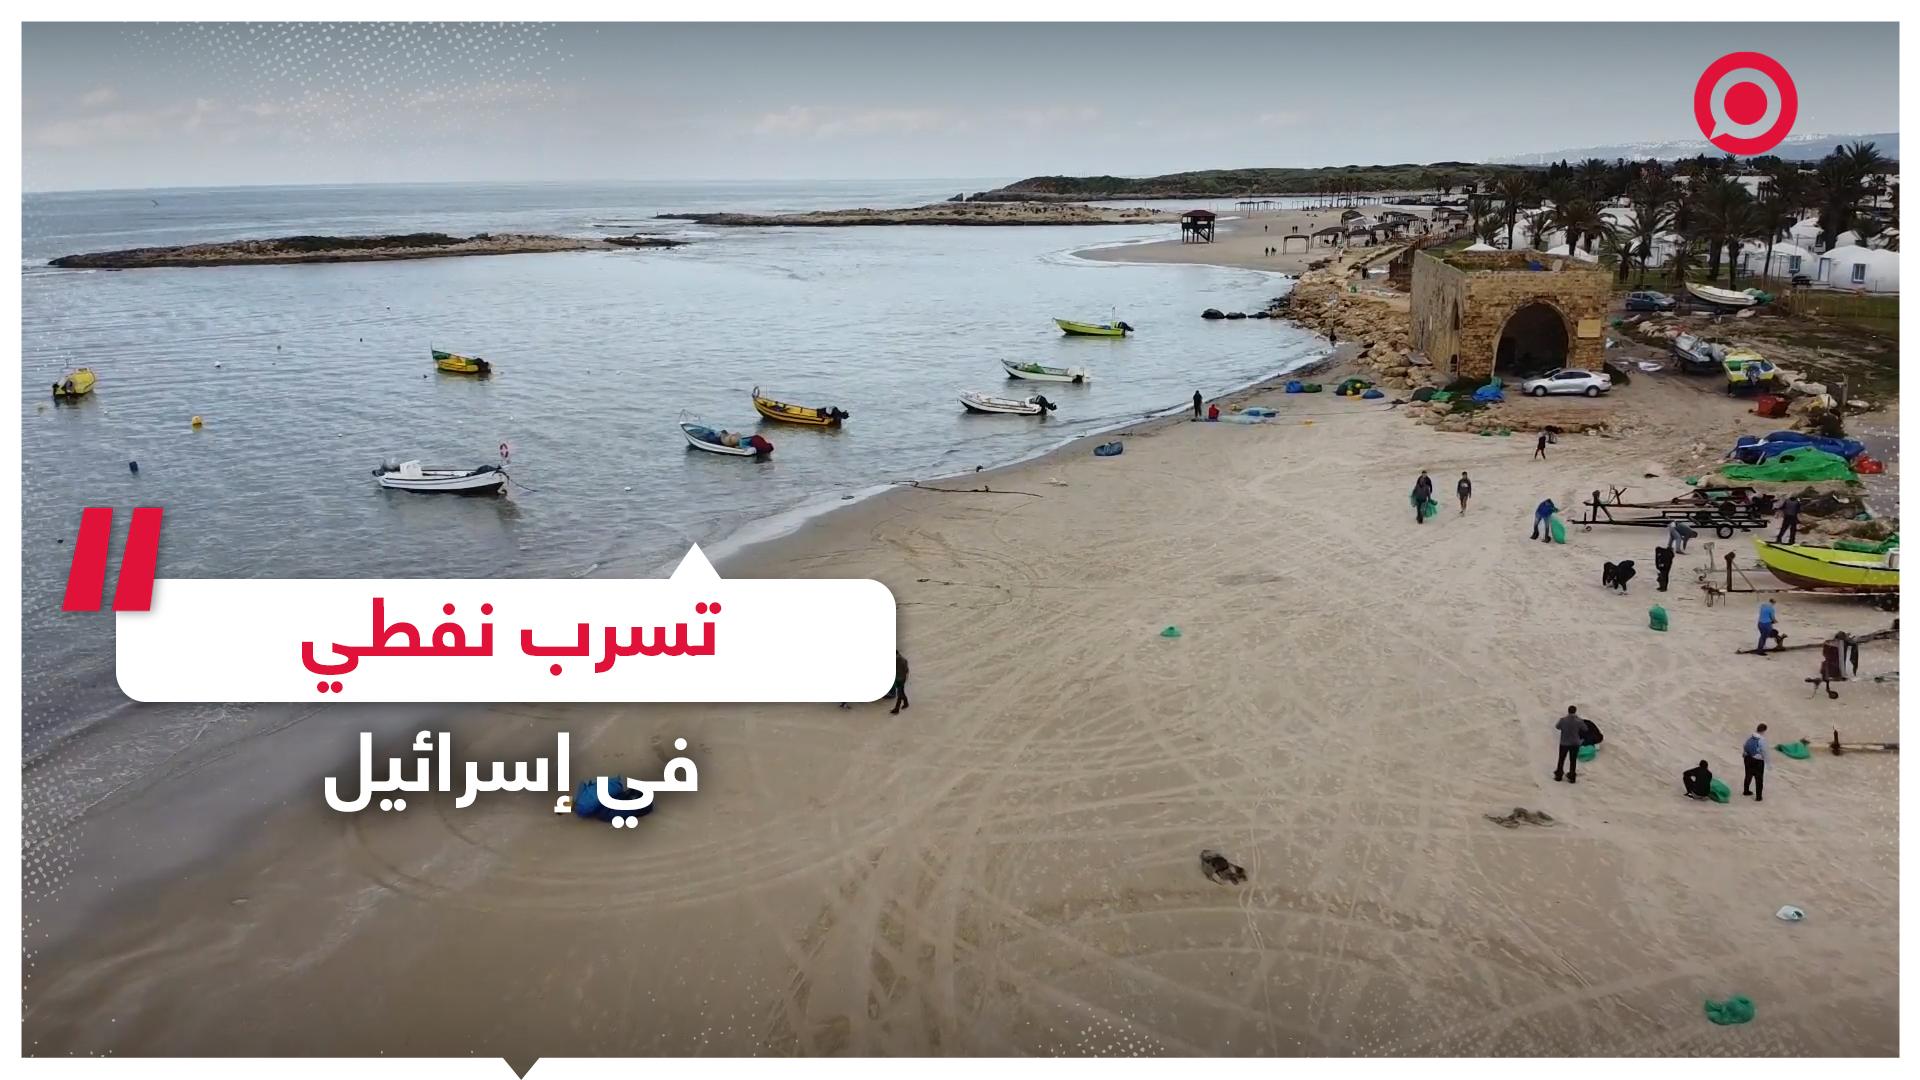 تسرب نفطي يهدد الحياة البحرية في إسرائيل